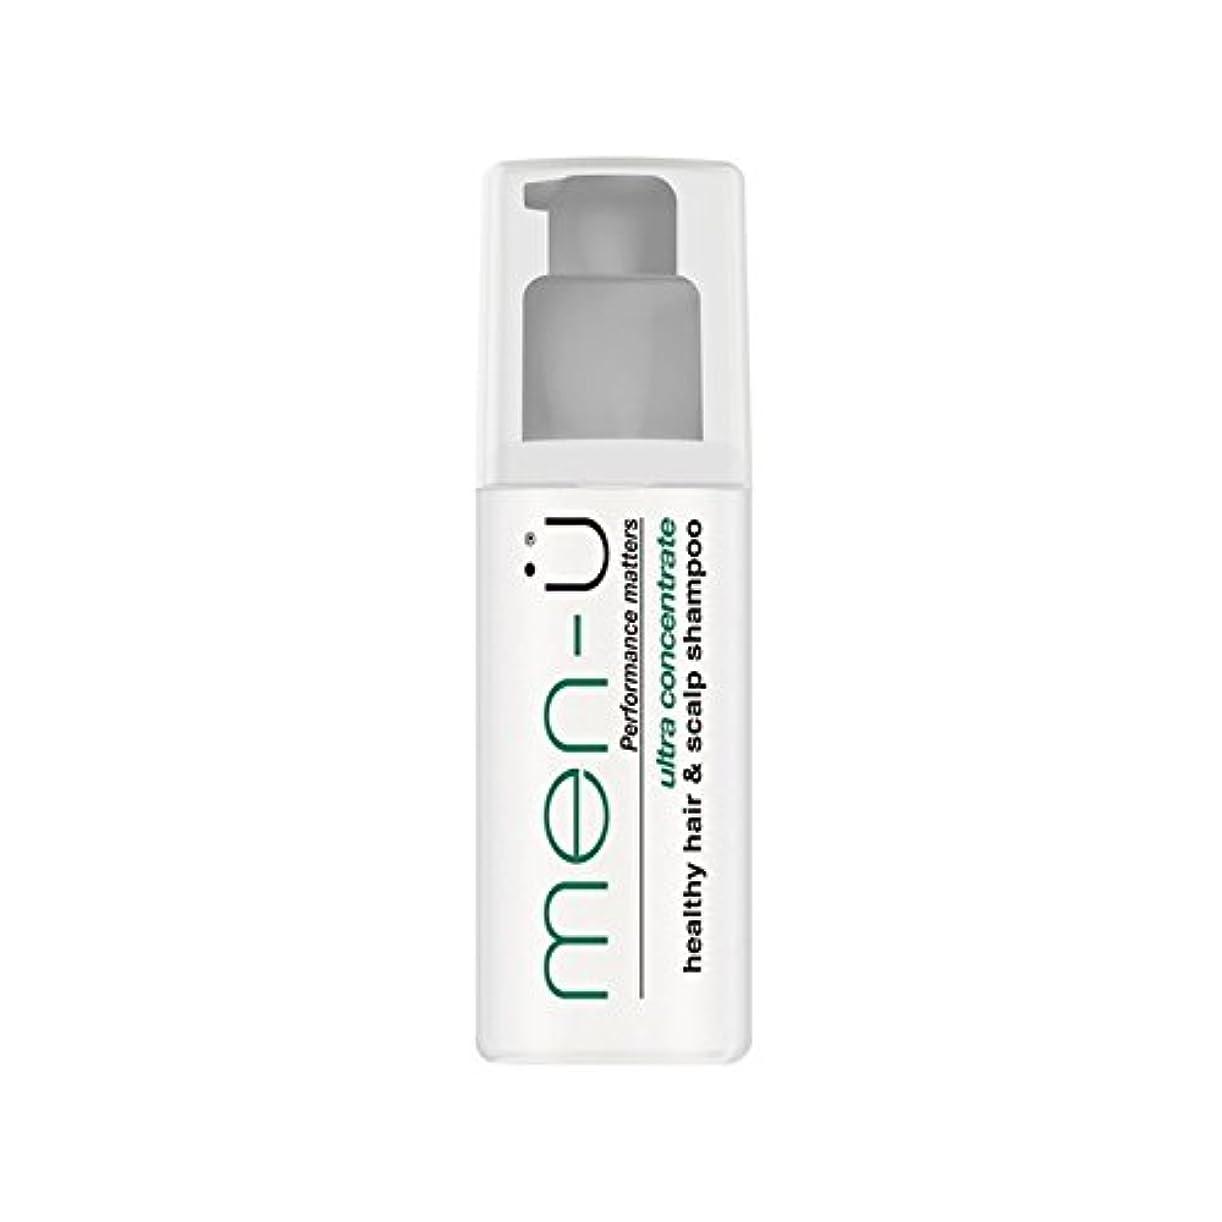 グッゲンハイム美術館要件失うMen-? Healthy Hair And Scalp Shampoo (100ml) (Pack of 6) - 男性-?健康な髪と頭皮シャンプー(100ミリリットル) x6 [並行輸入品]